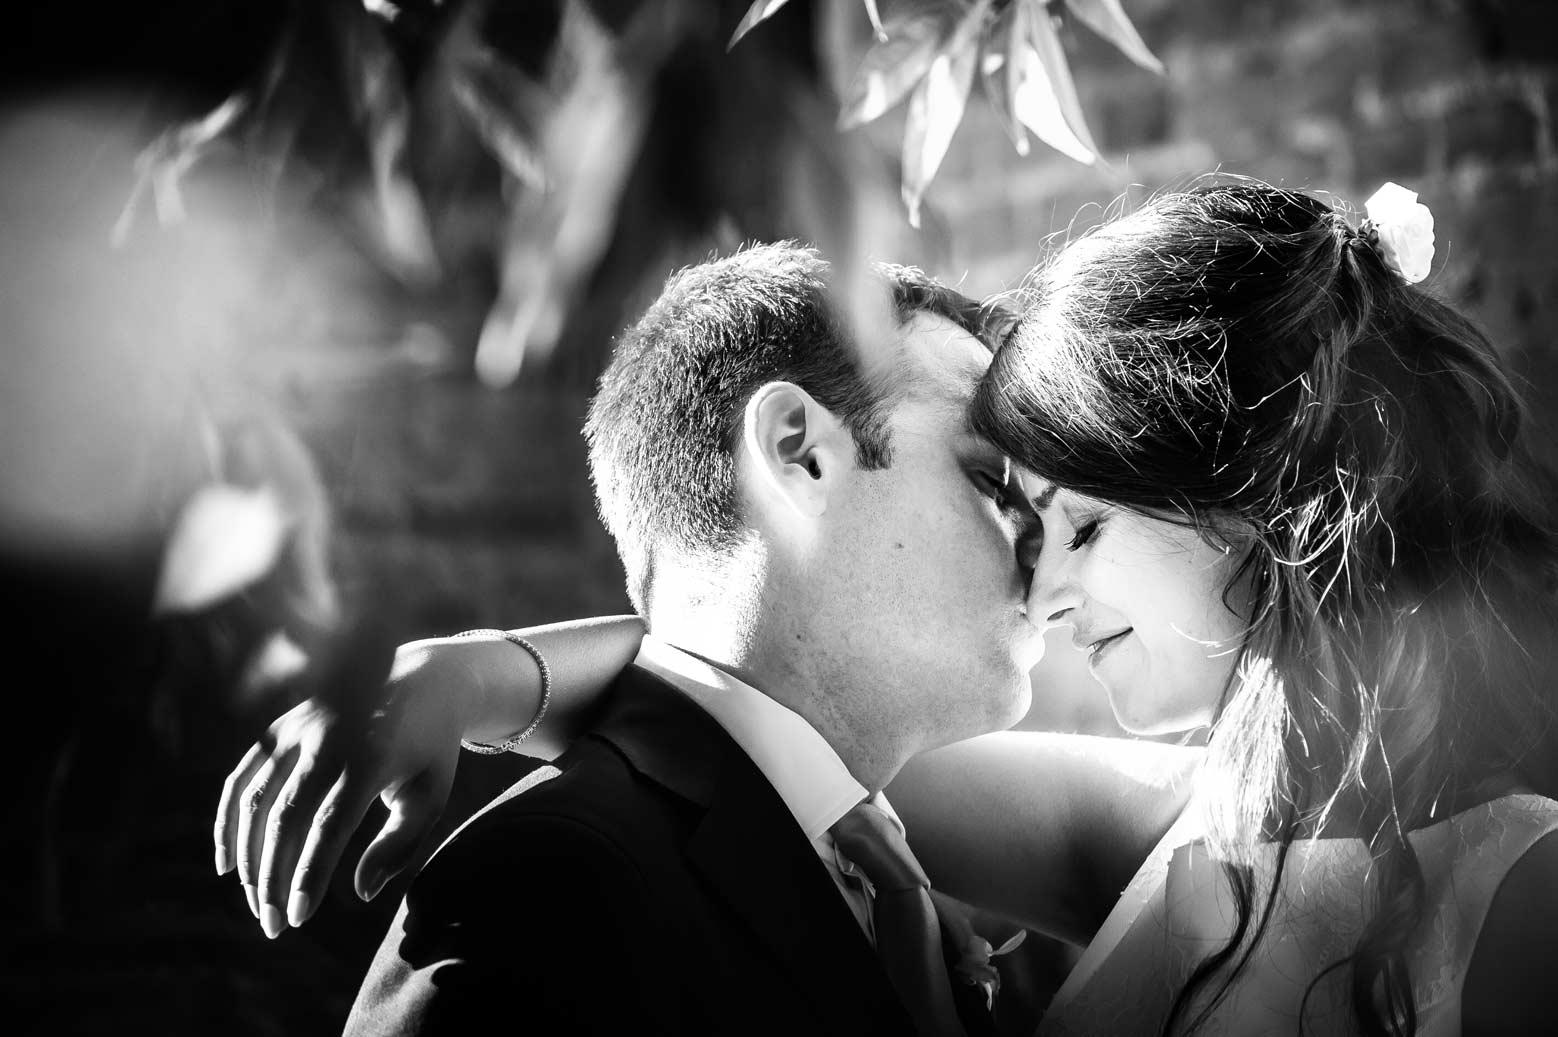 Fotoreportage-Matrimonio-Ritratti